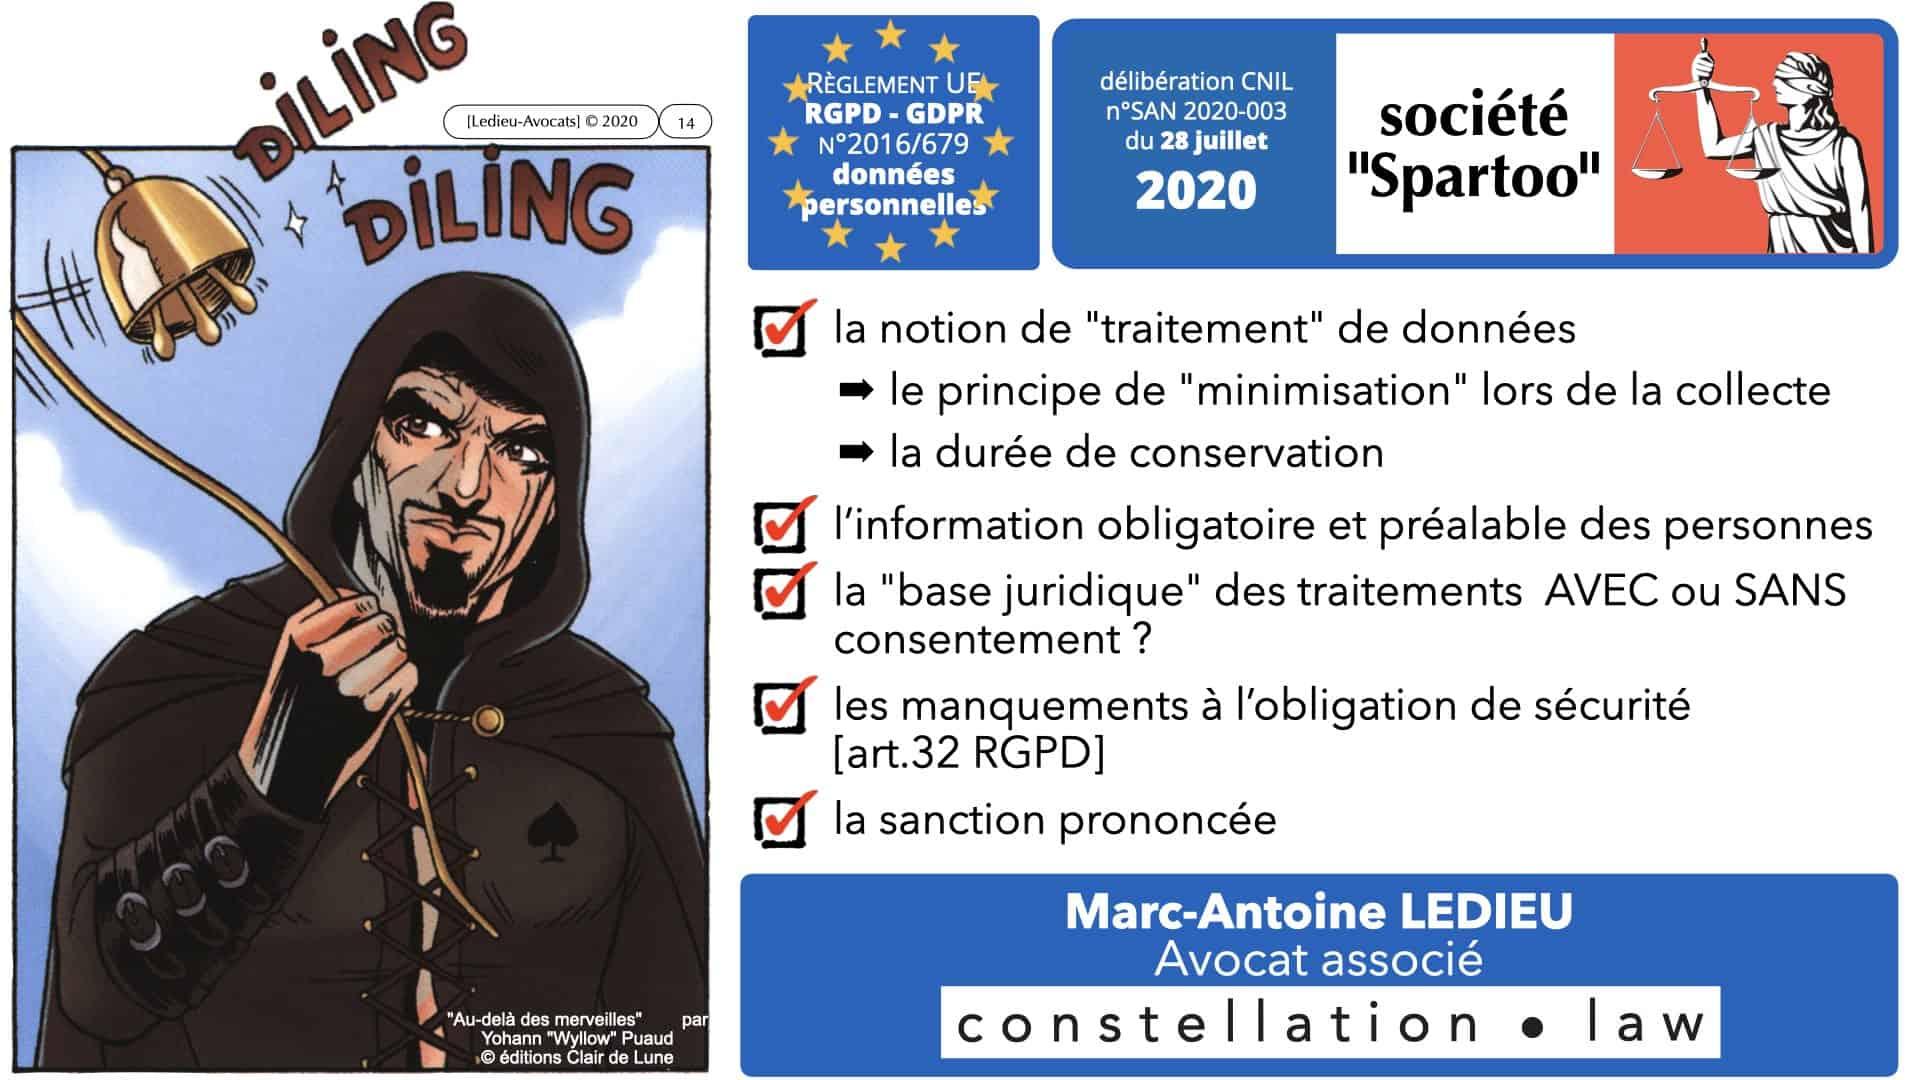 délibération CNIL Spartoo plan